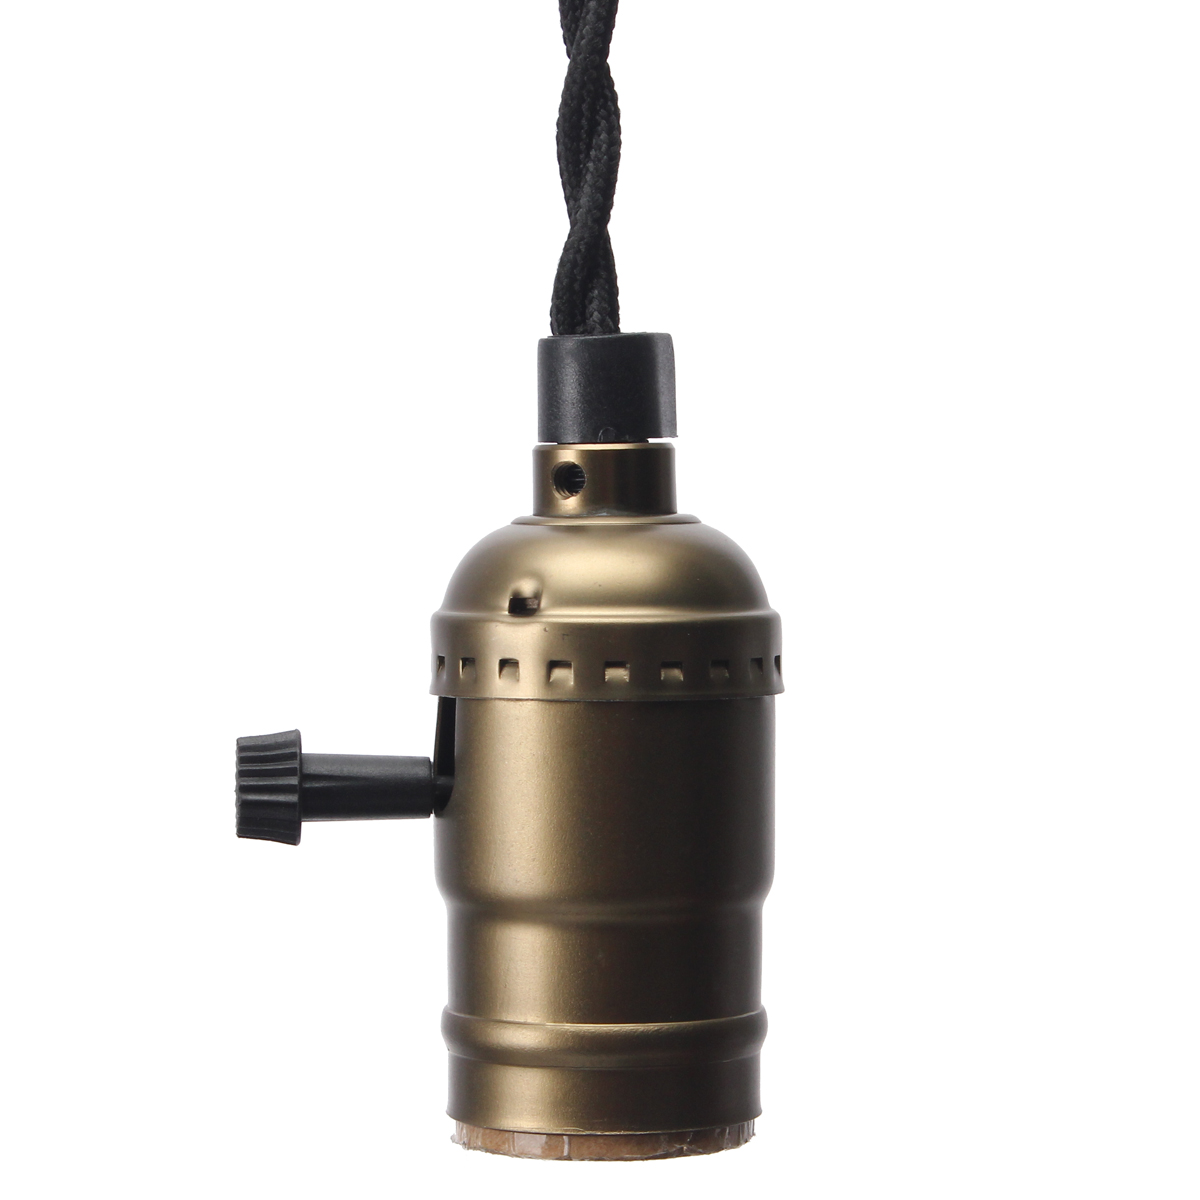 Pendant Light Kit With Switch : Kingso e socket hanging textile cord pendant light